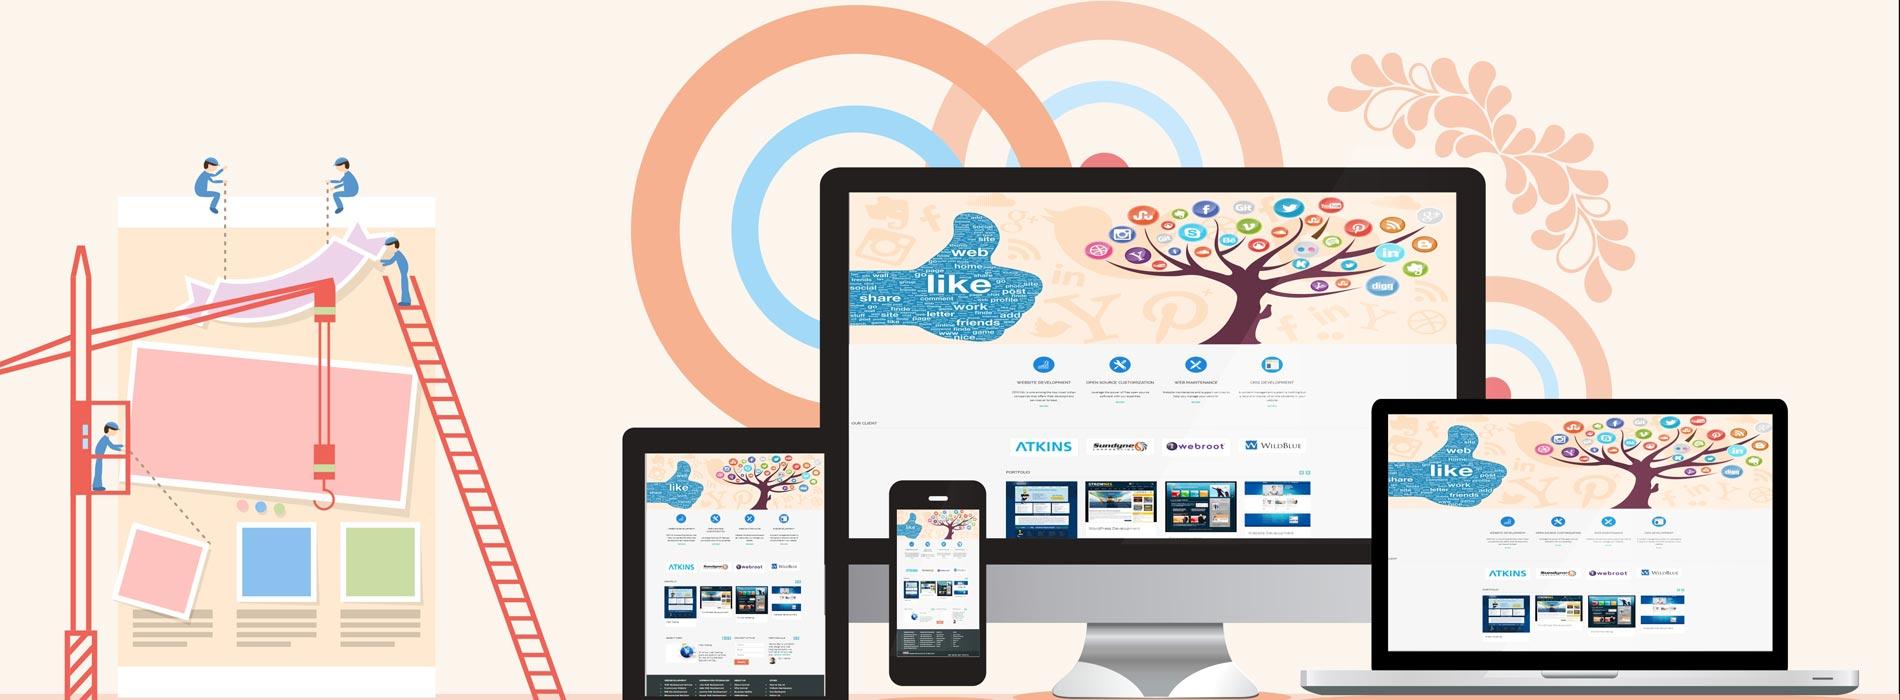 تعرفه طراحی سایت و عوامل تاثیرگذار بر آن